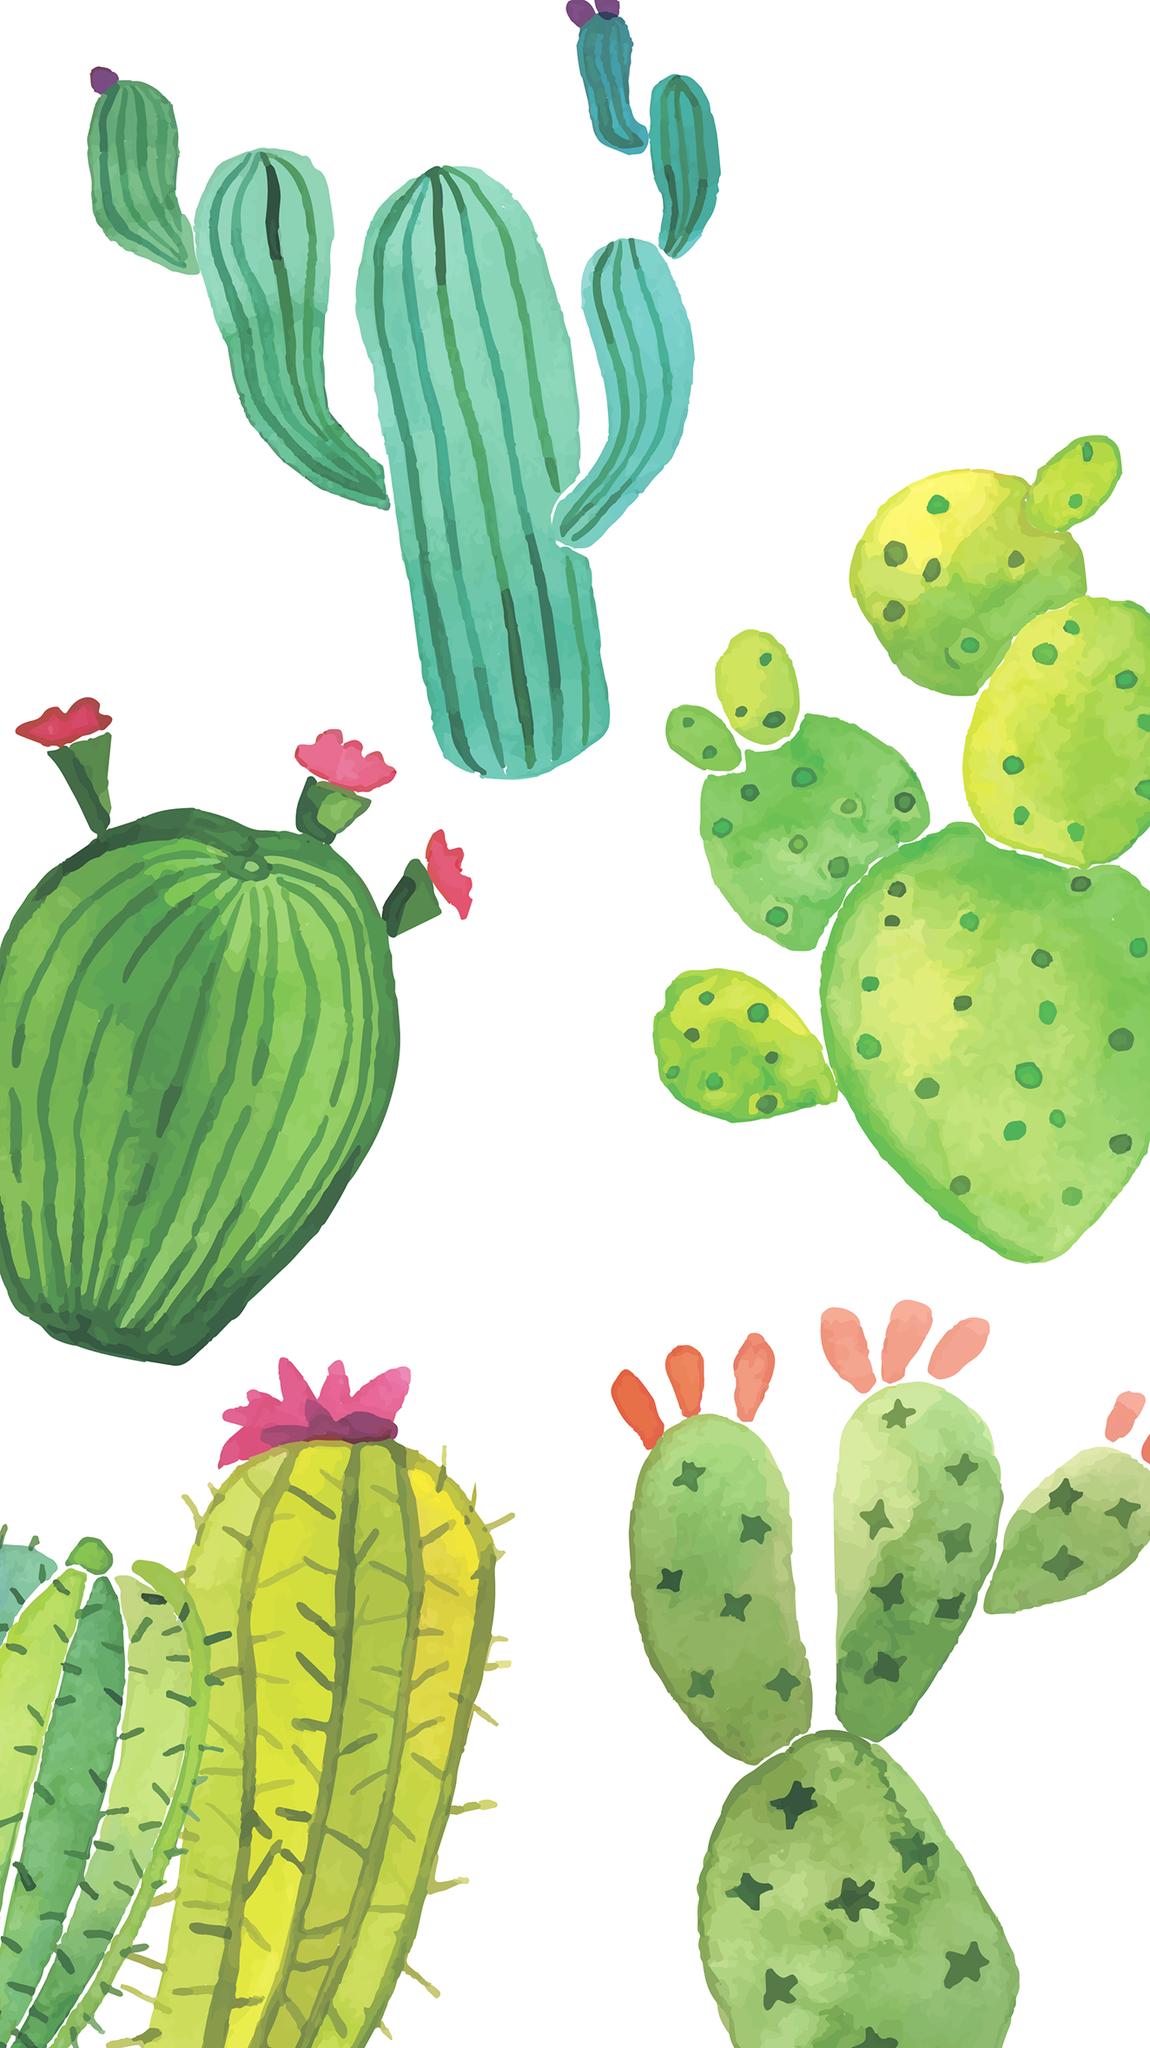 Cacti And Succulents Cute Desktop Wallpaper Plant Wallpaper Succulents Wallpaper